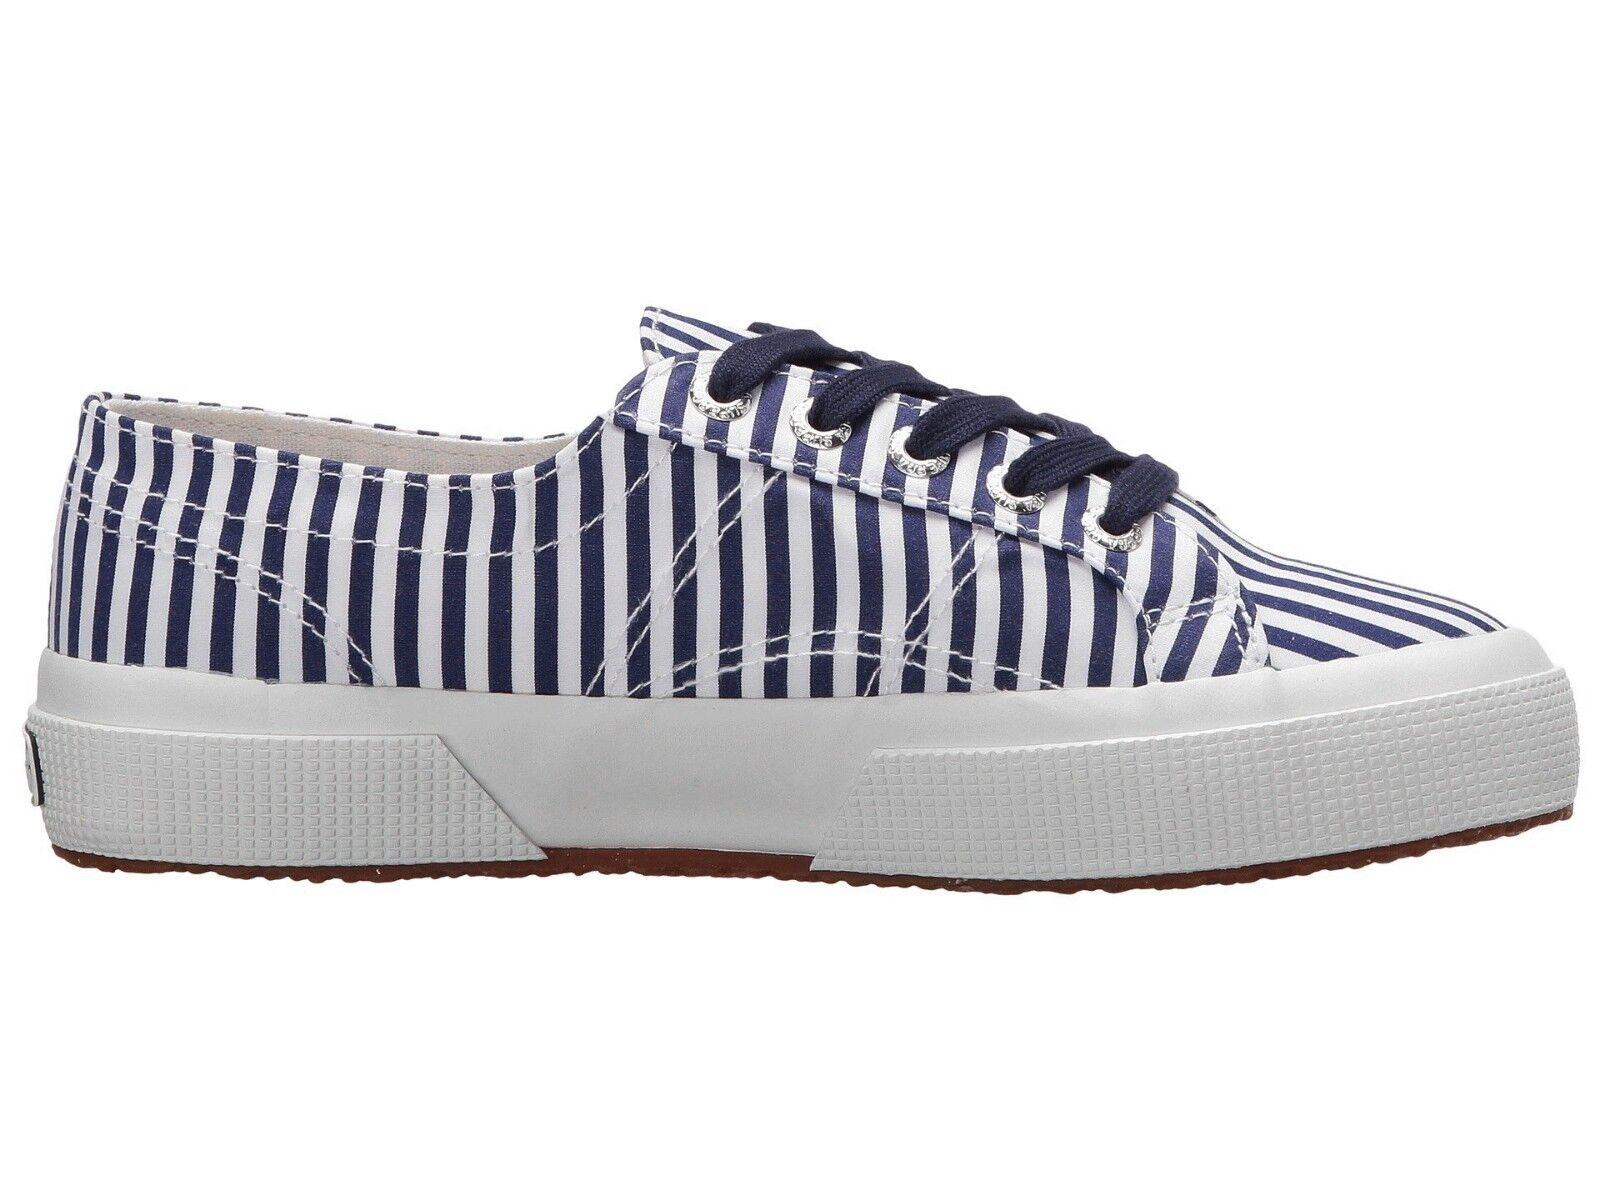 Superga 2750 FABRICSHIRTU FABRICSHIRTU FABRICSHIRTU  Lace-Up Sneaker Navy Stripe Size US Women 9 EU 40 01deaa